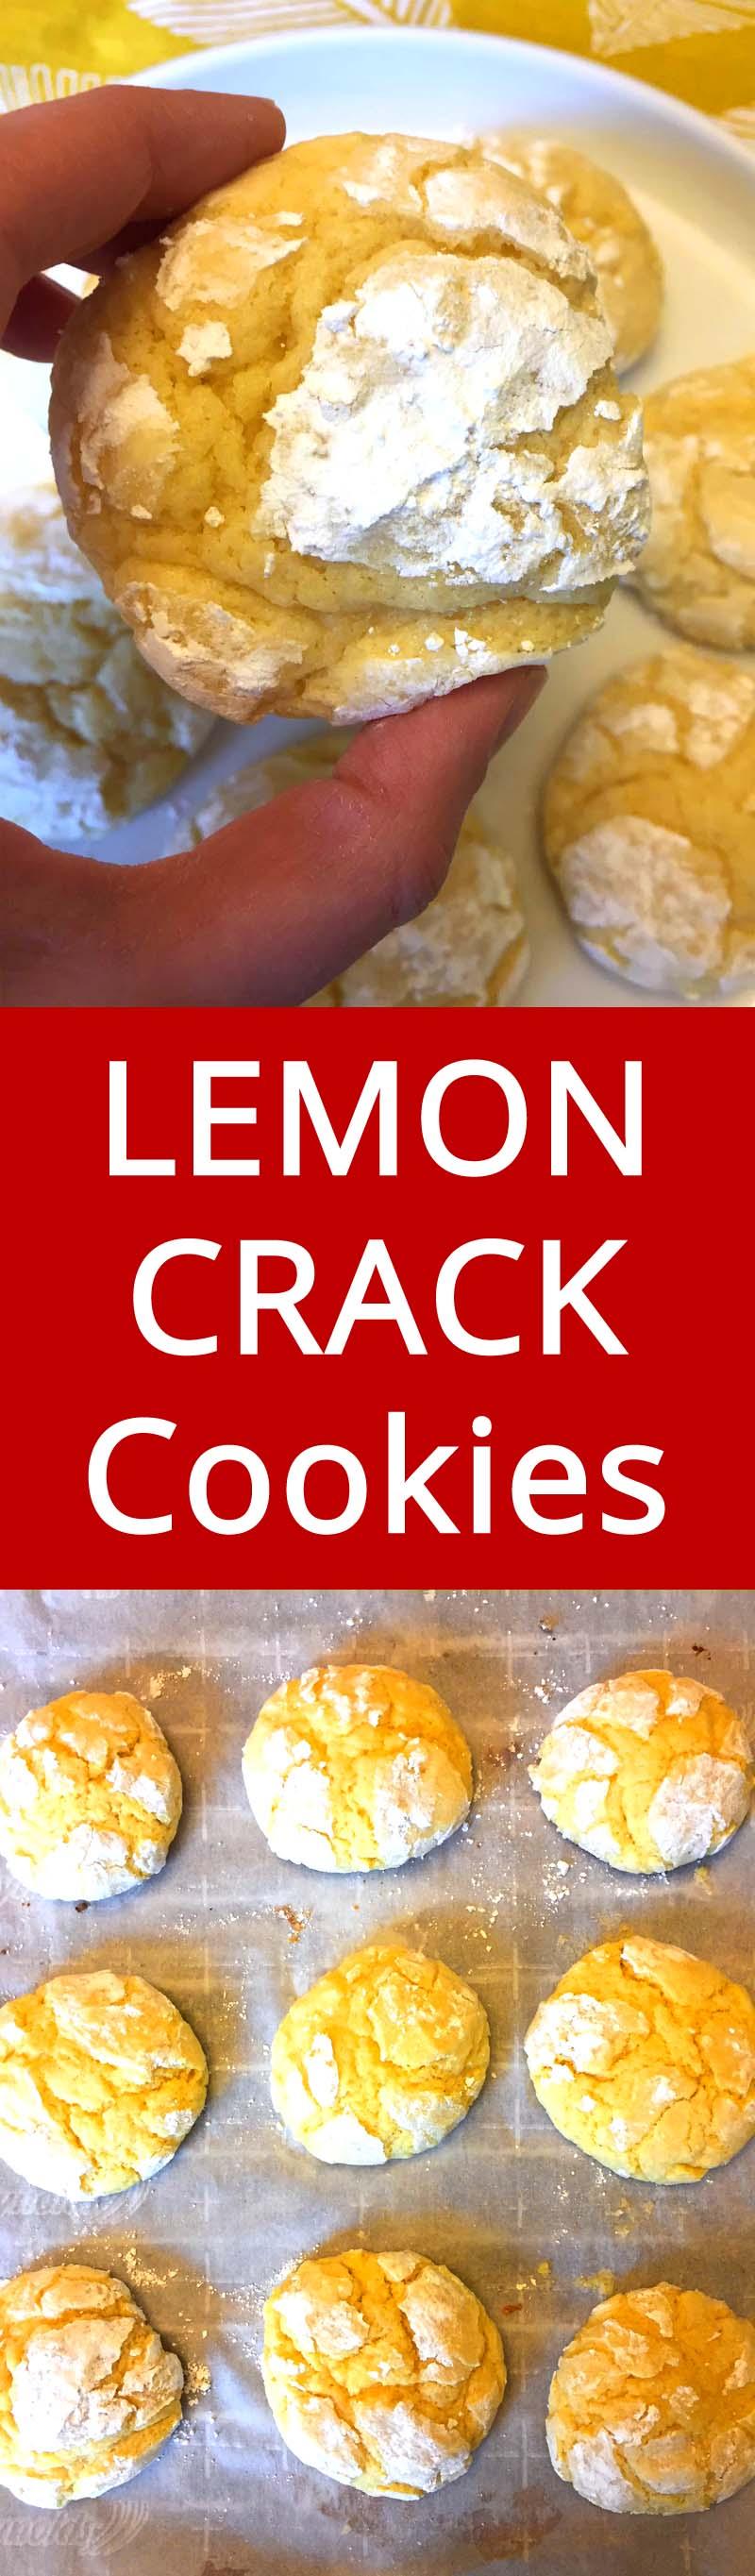 Easy Lemon Crack Crinkles Cookies Recipe Best Ever